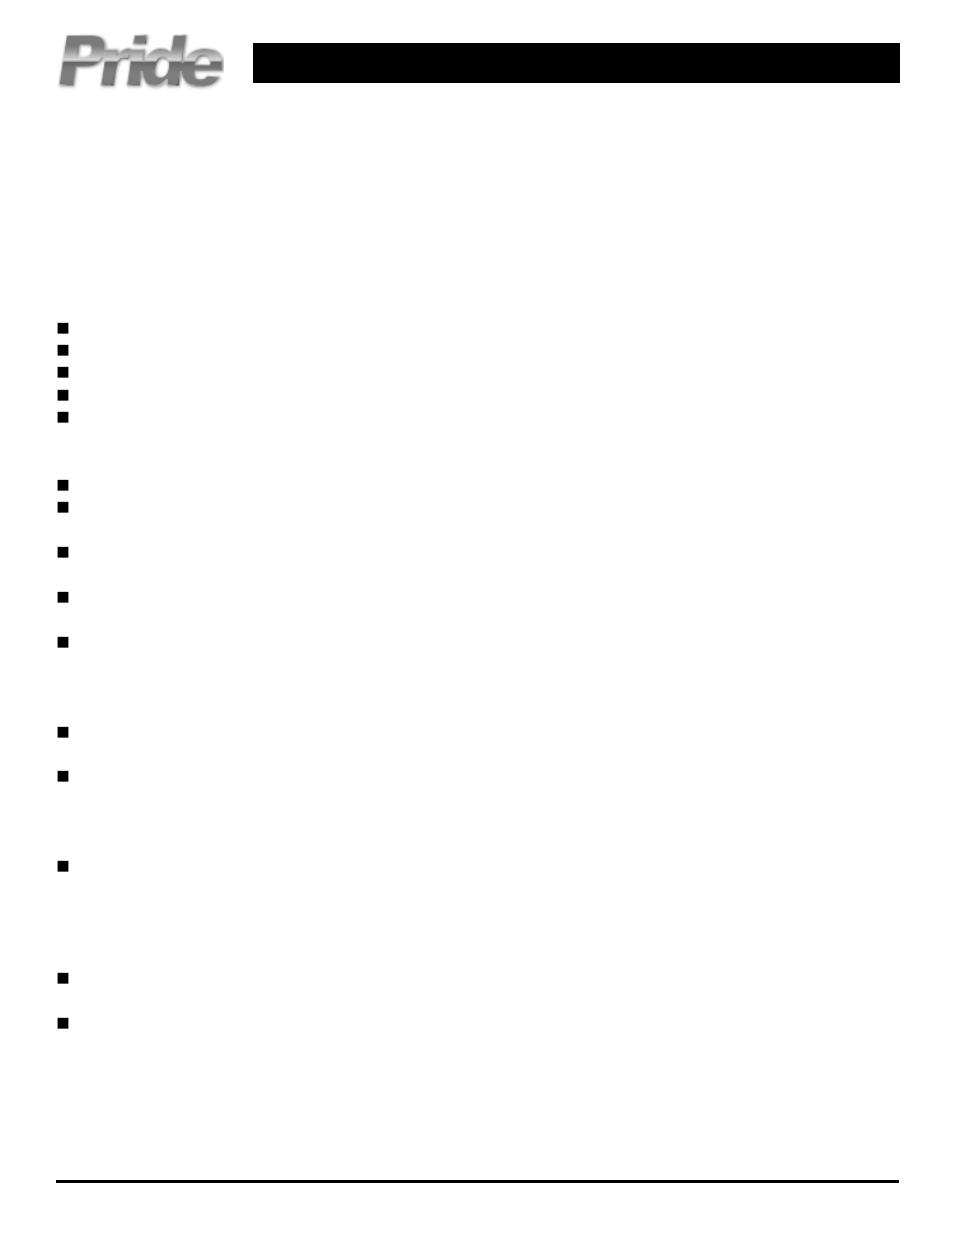 Pride Mobility Jet 3 Ultra User Manual